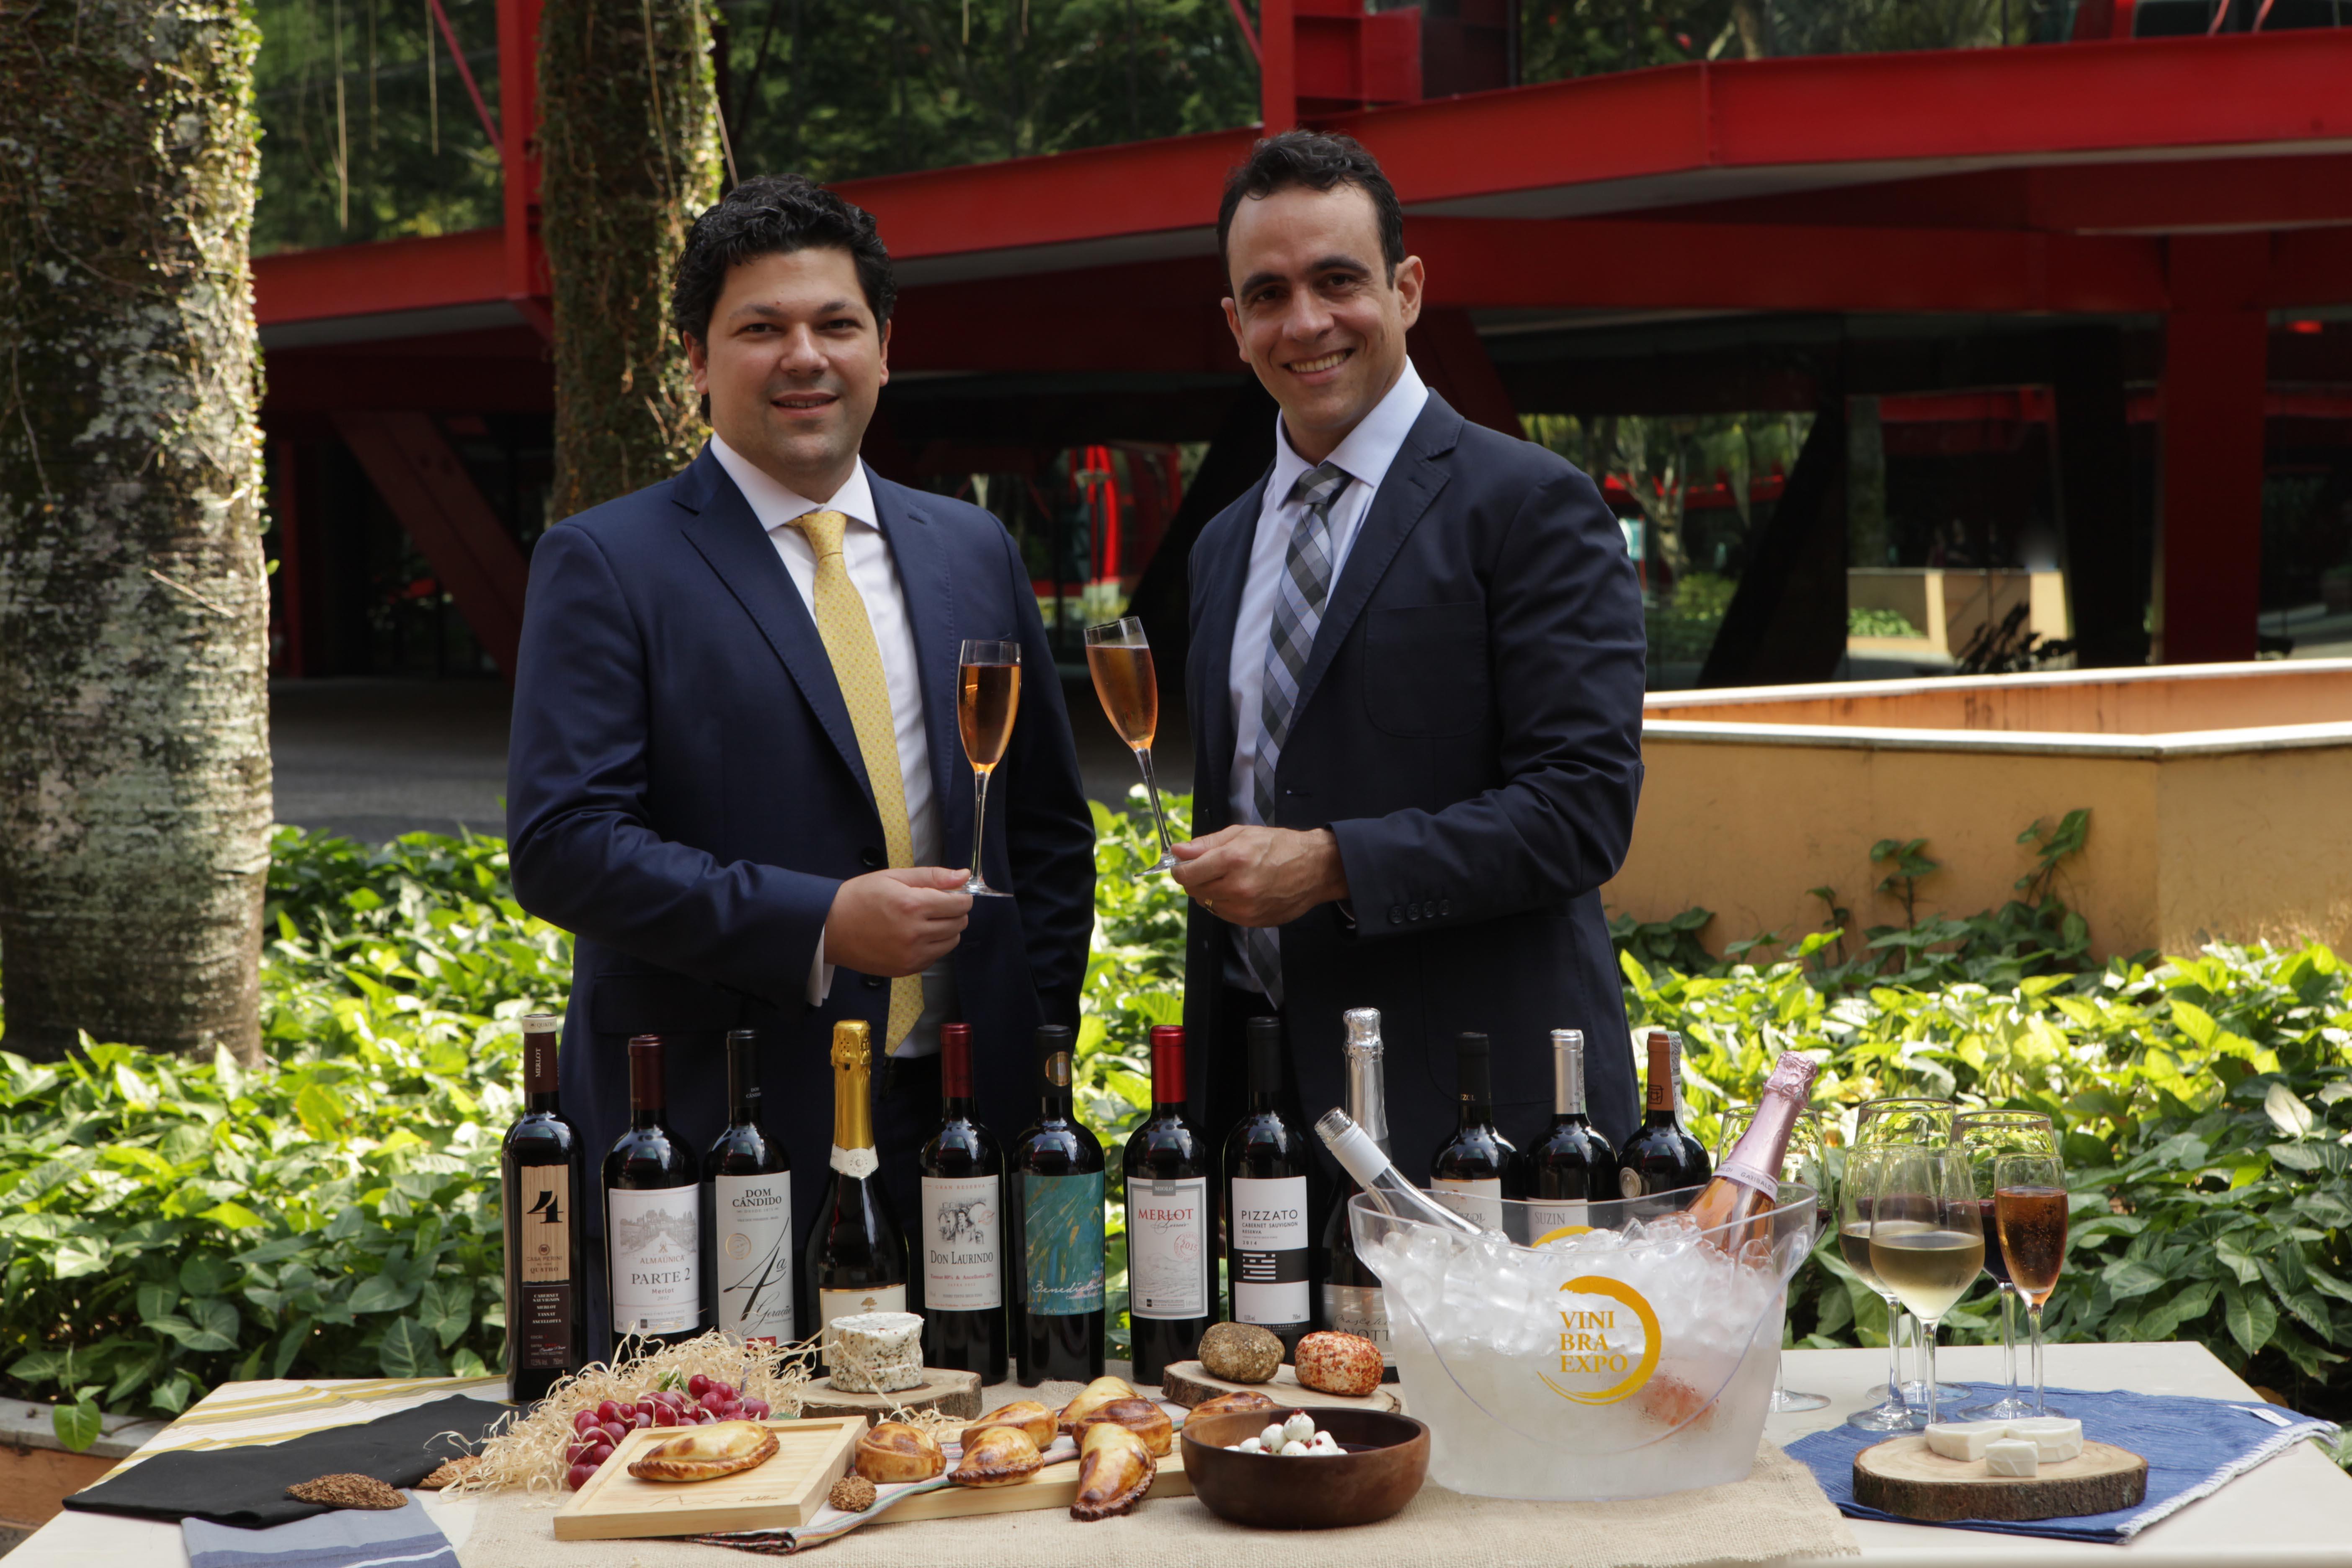 Vini Bra Expo Credito Berg Silva (2)